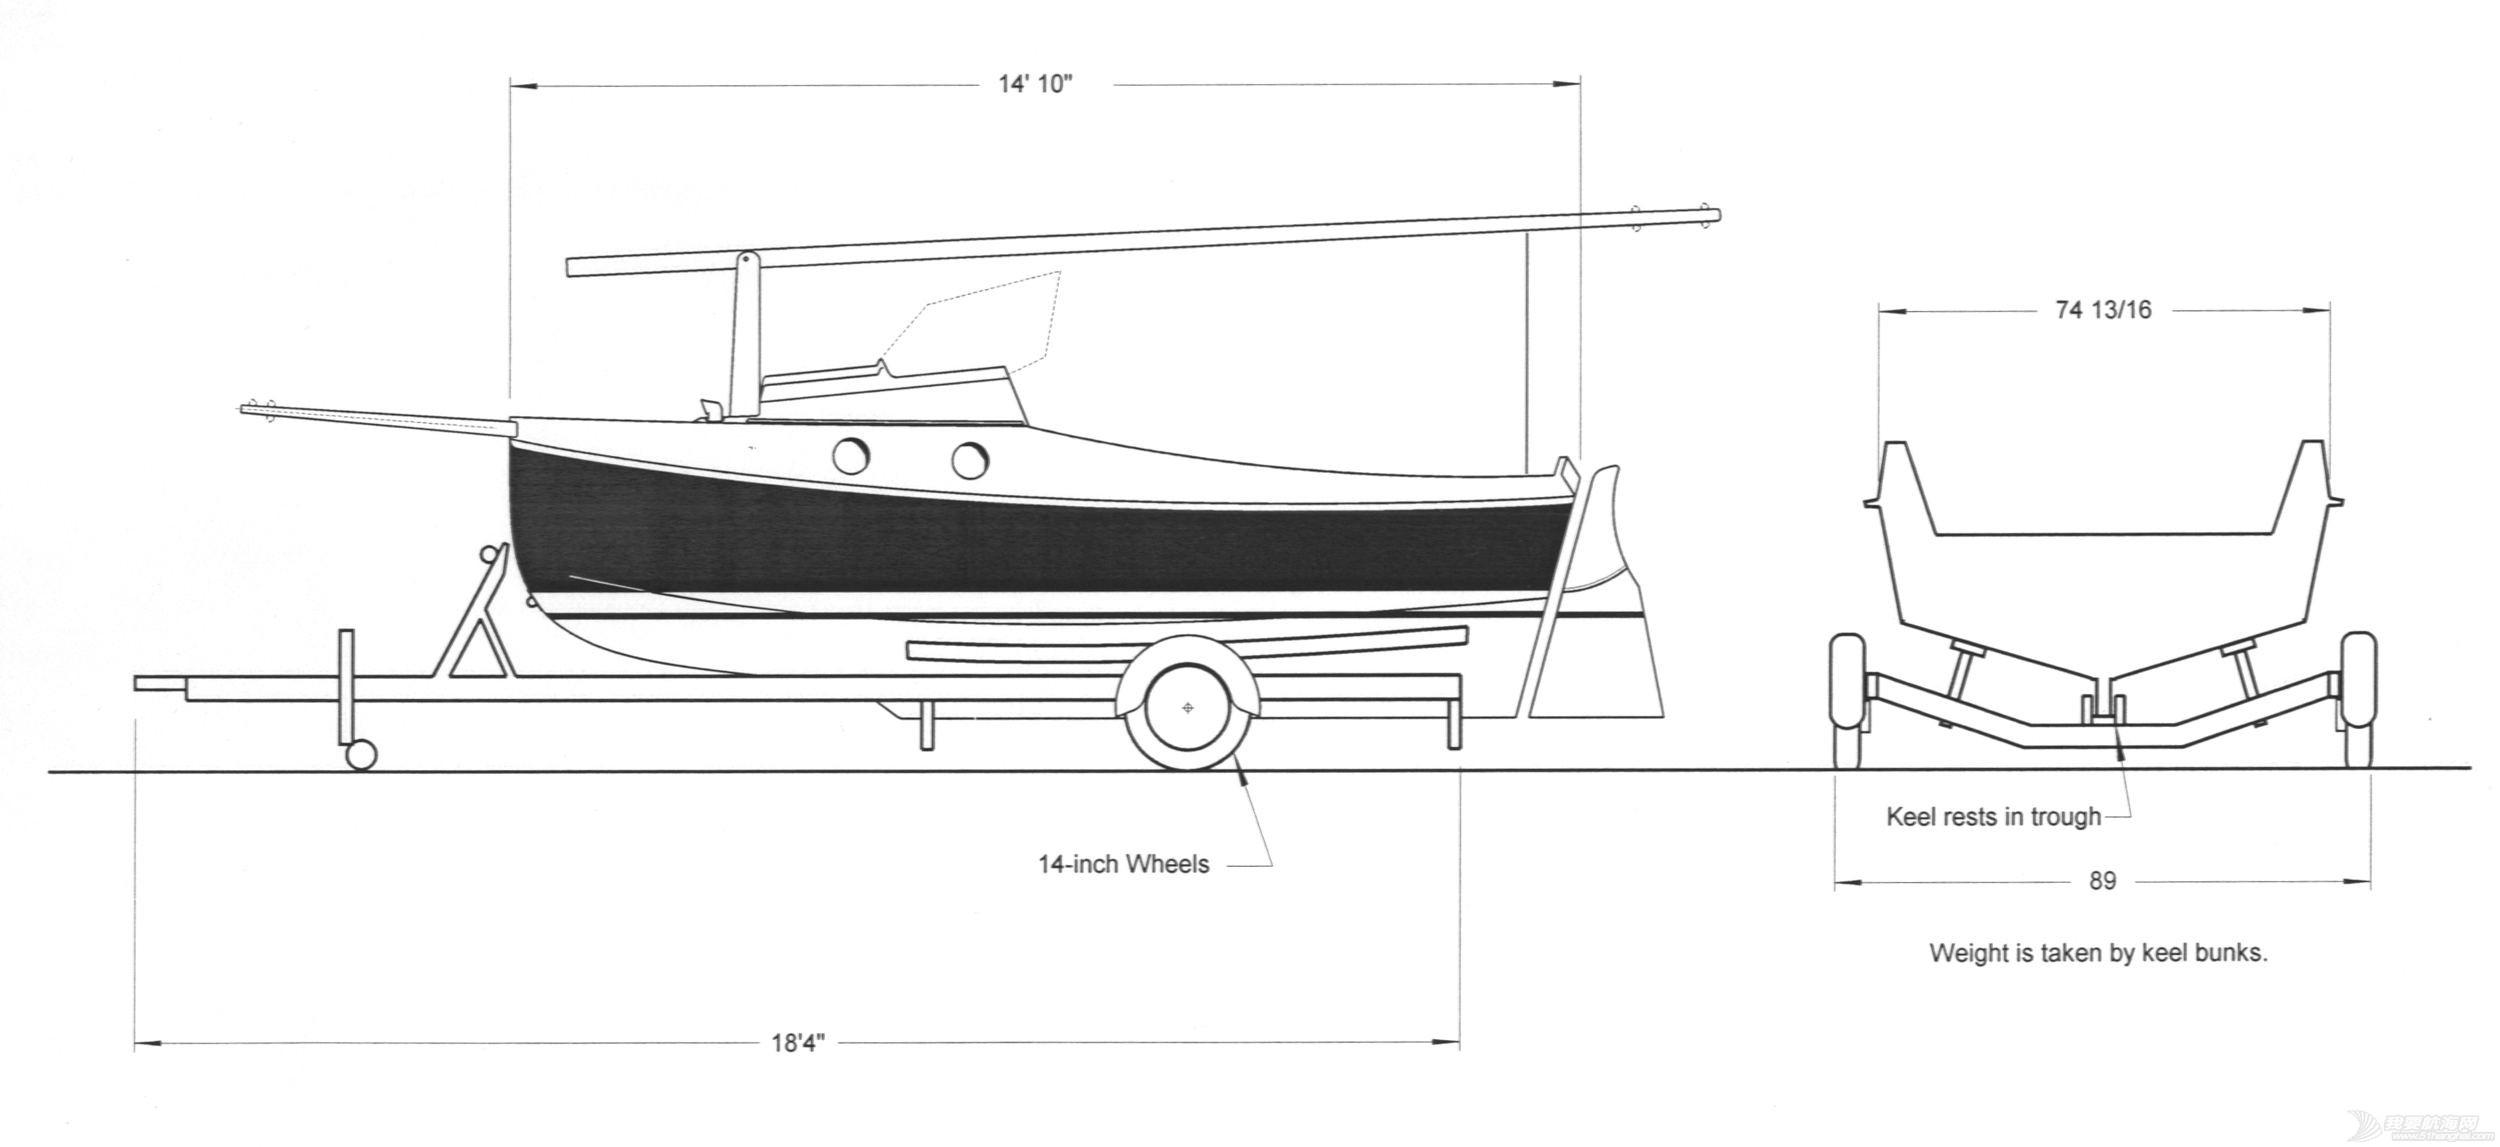 帆船 口袋帆船 尺寸 (英尺)